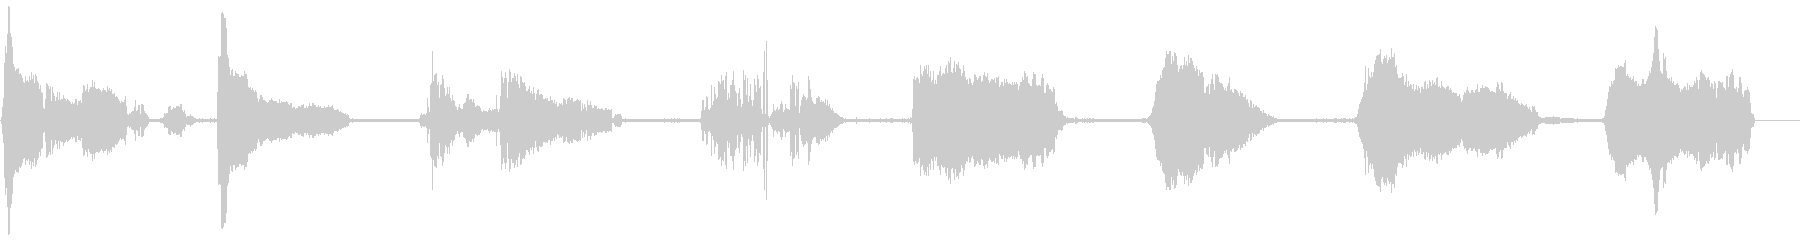 ゾンビのうめき声、シングルオス2の未再生の波形